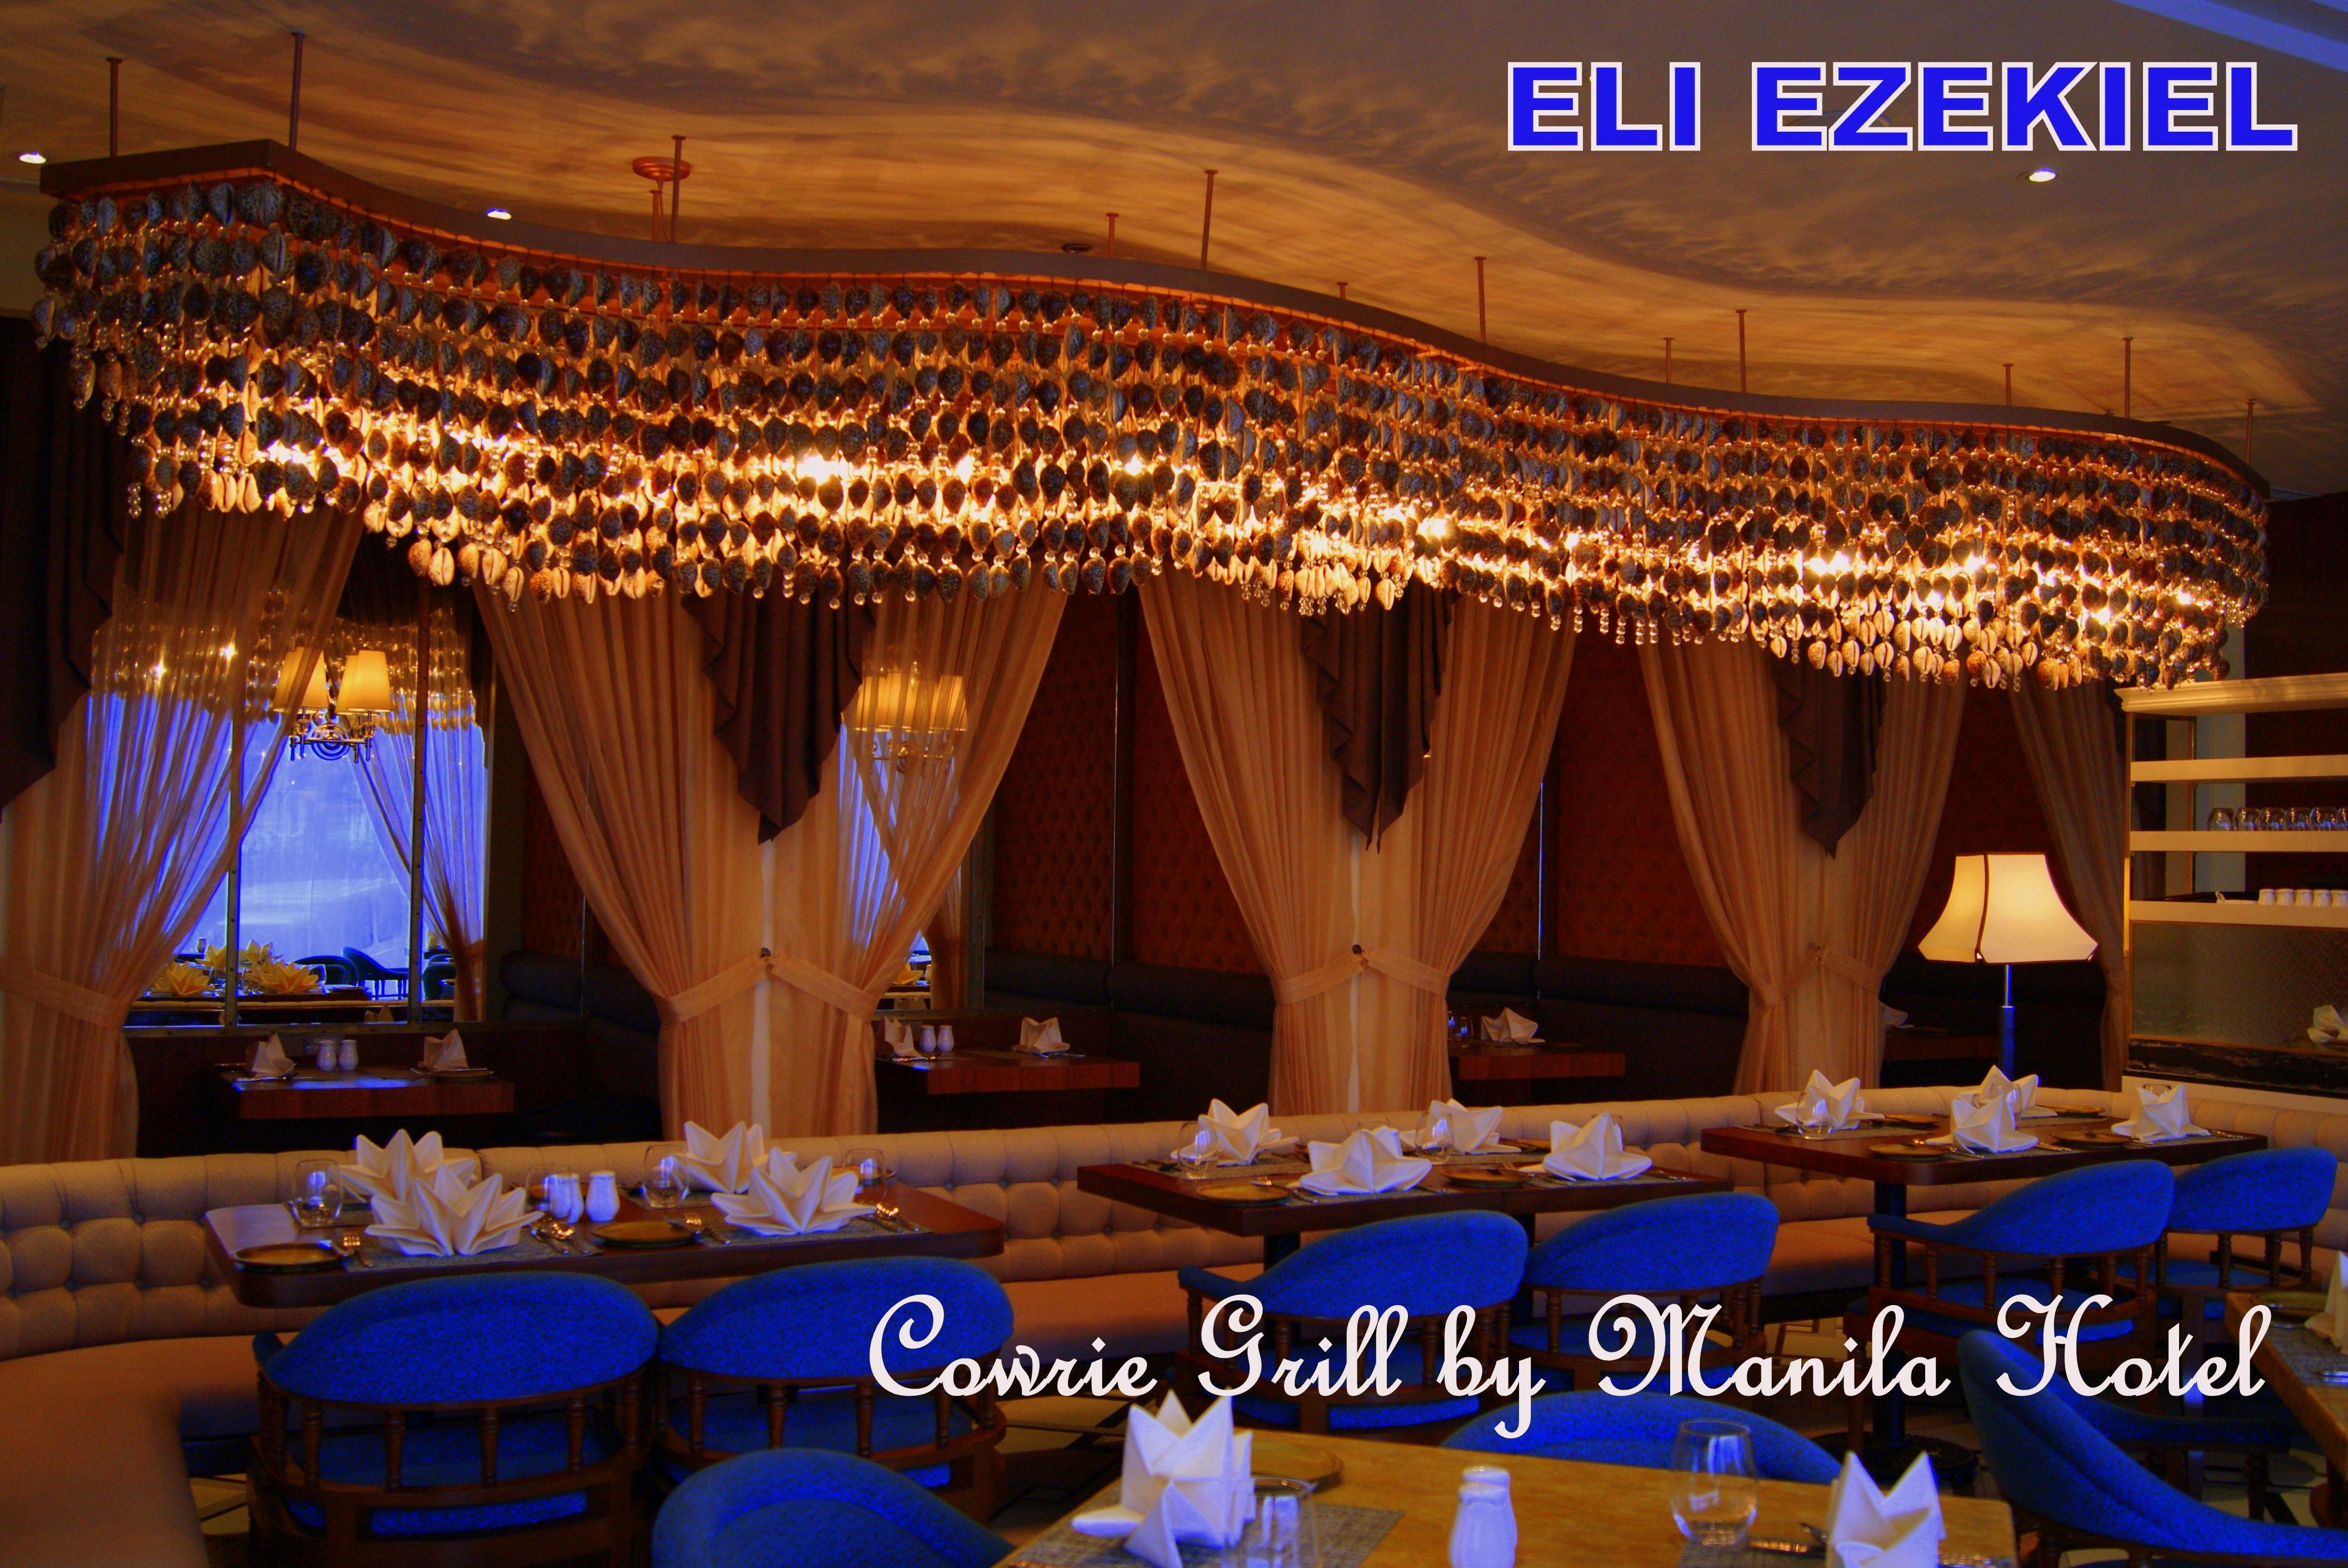 cowrie grill manila hotel menu